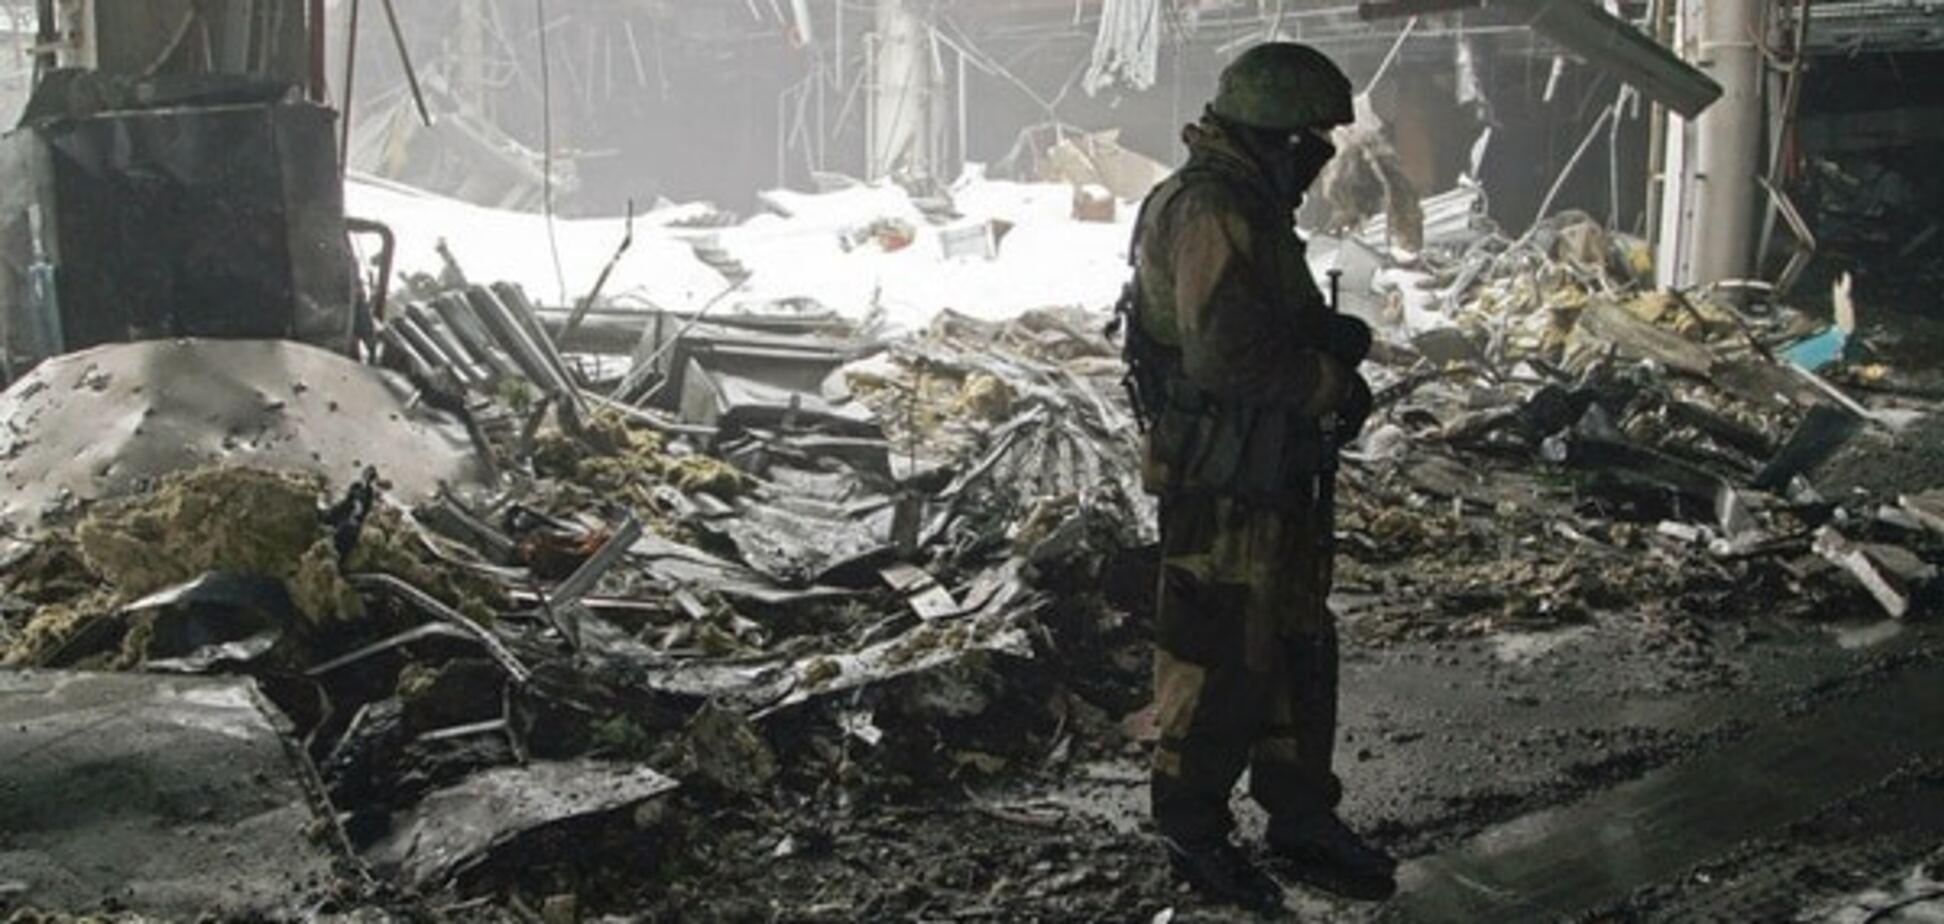 Будни Донбасса: пьяный террорист напал на 'сослуживцев' - разведка